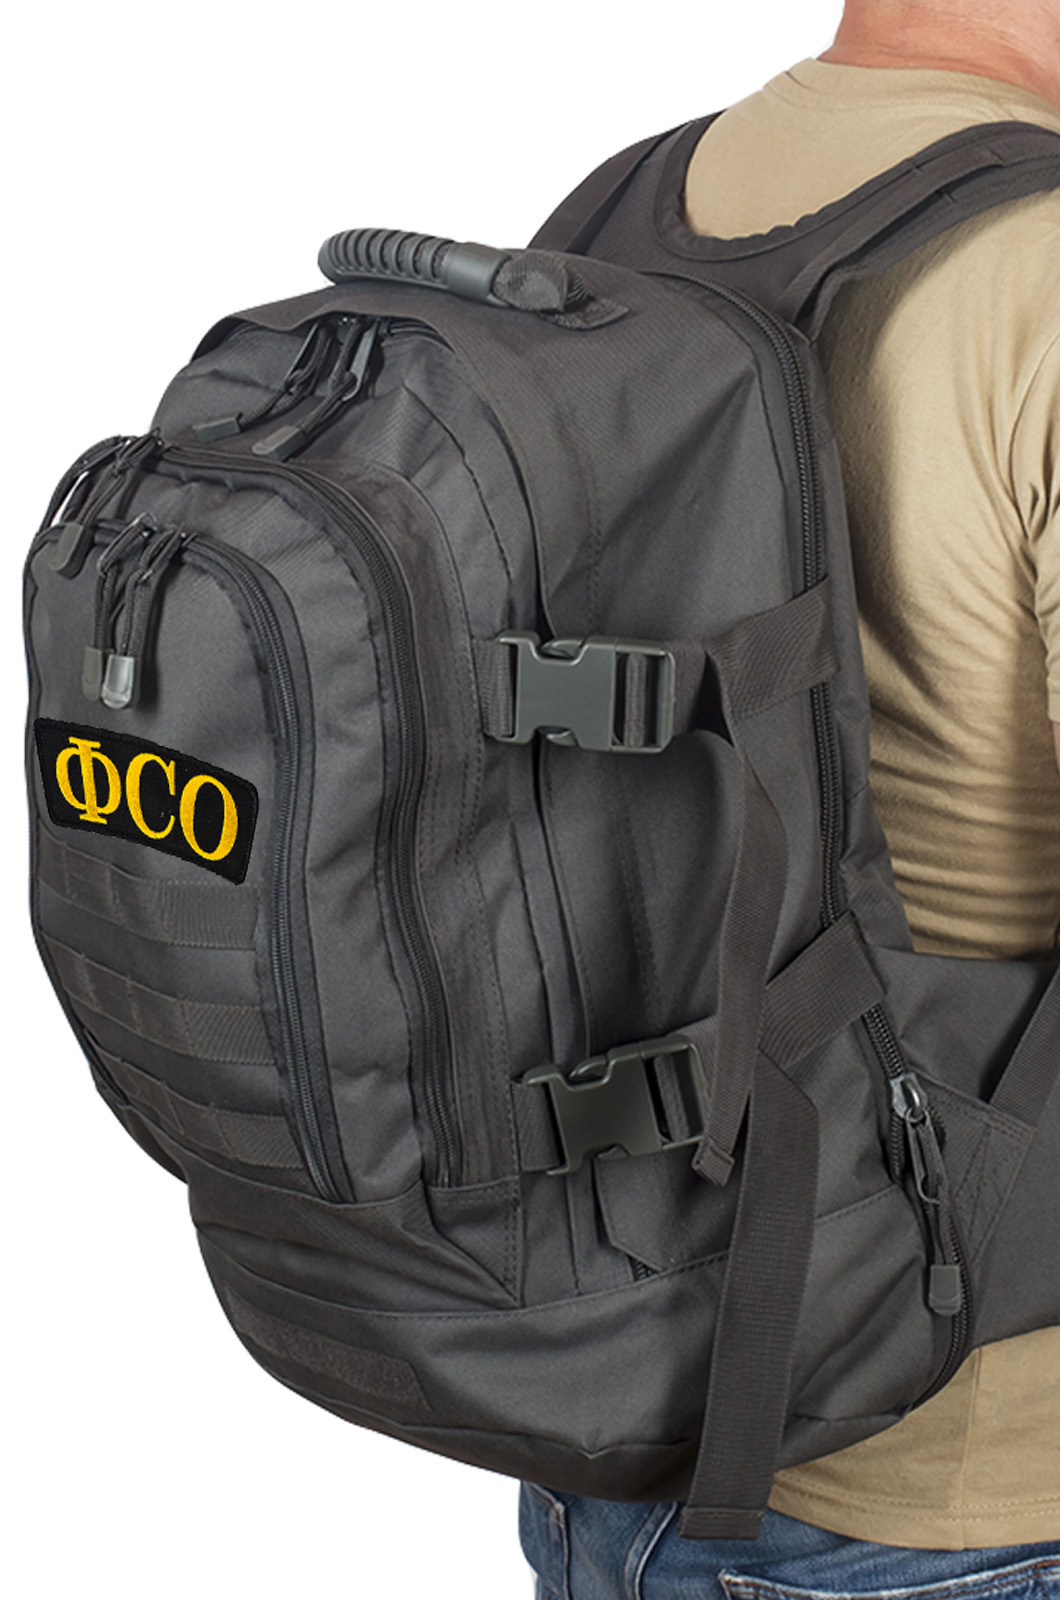 Рейдовый универсальный рюкзак ФСО - заказать онлайн